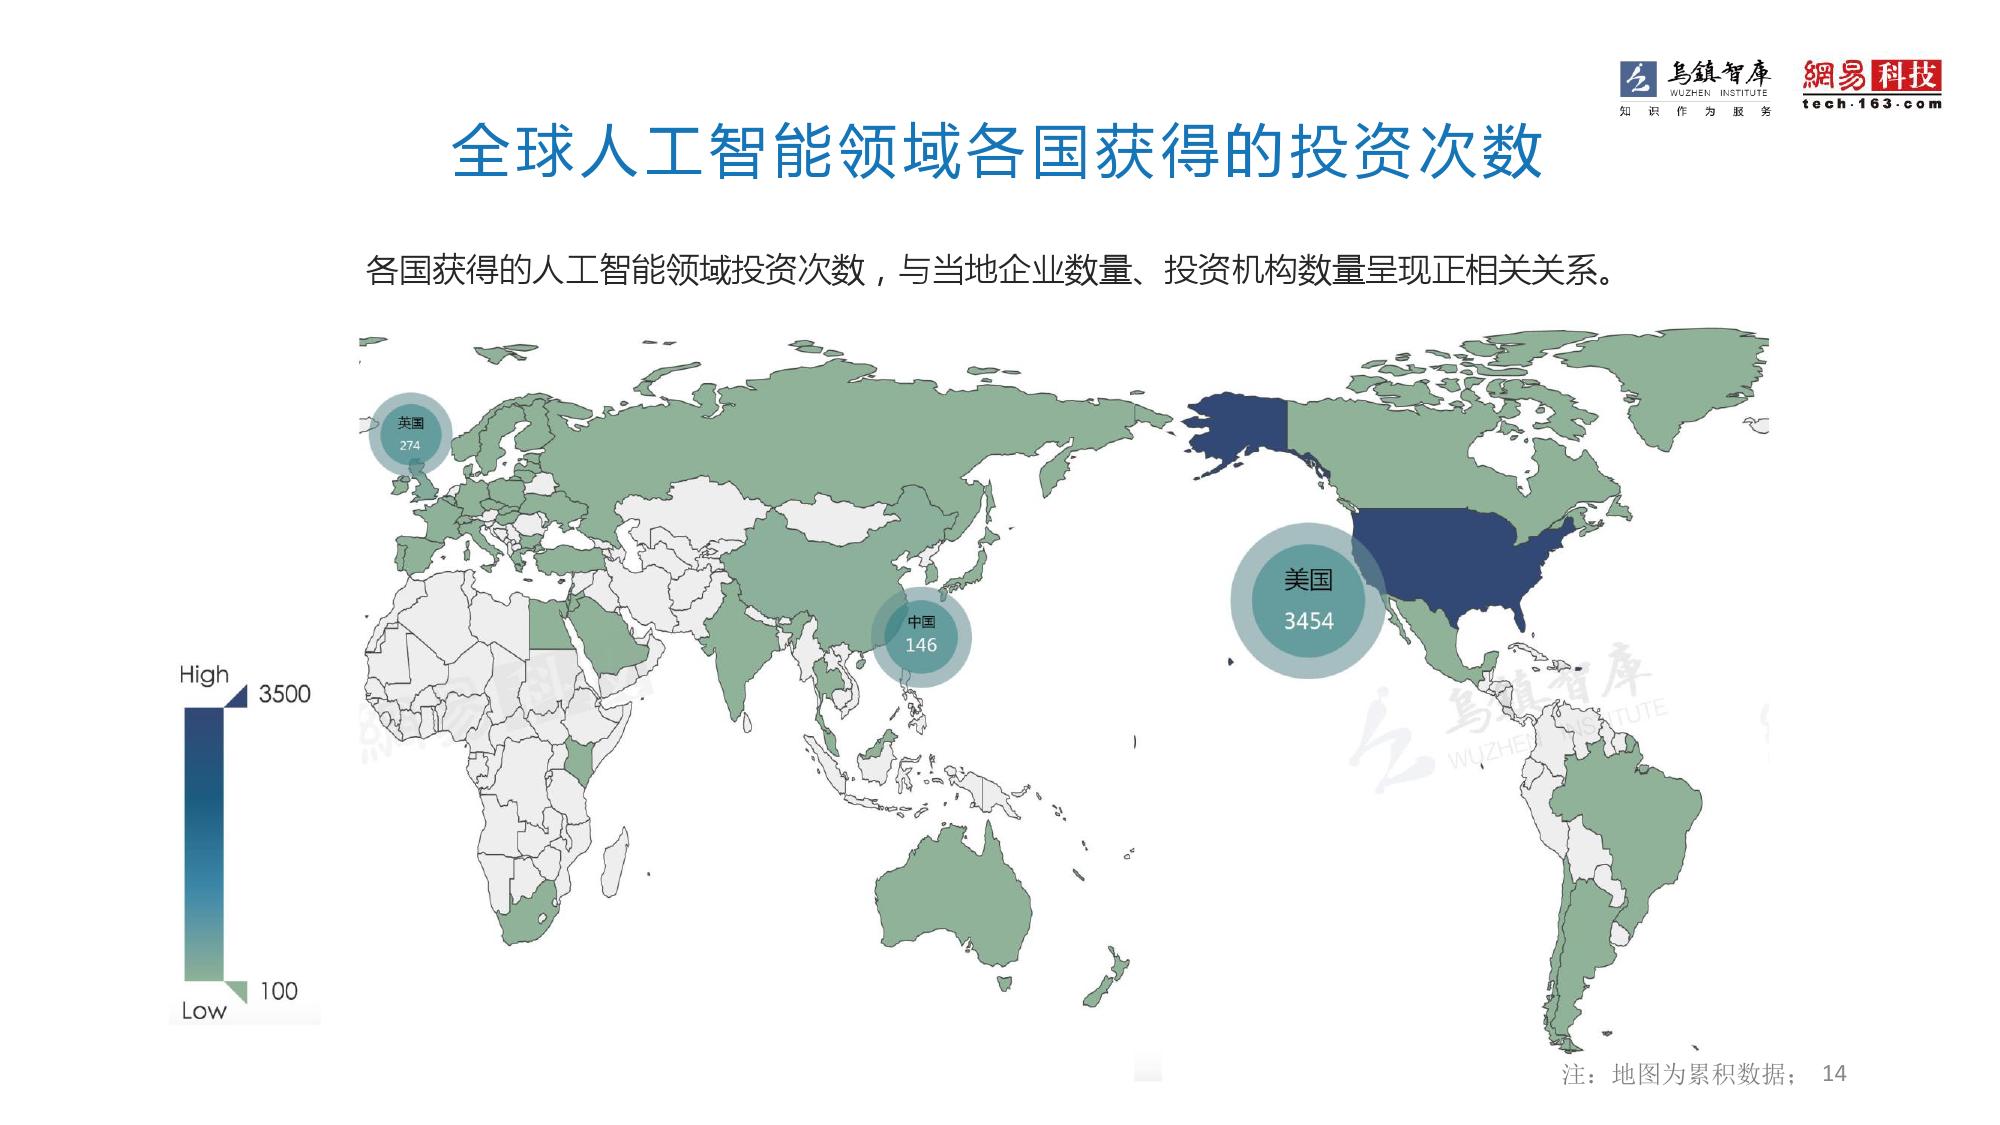 2016年全球人工智能发展报告_000014